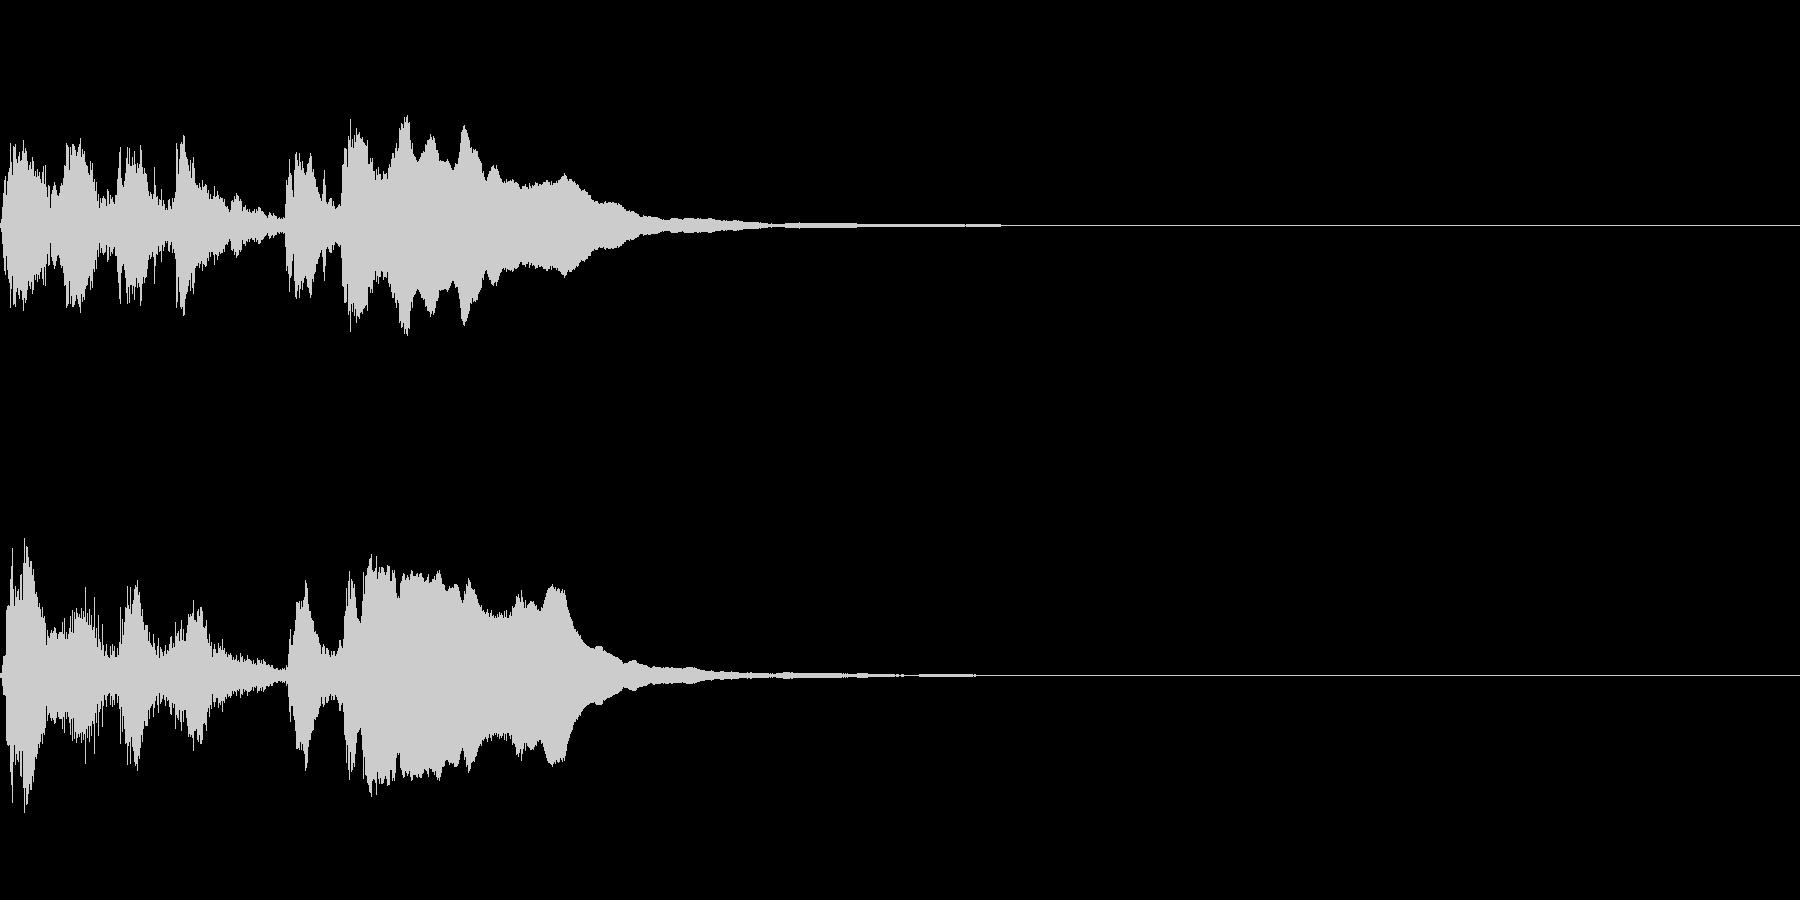 ライトでポップなファンファーレの未再生の波形